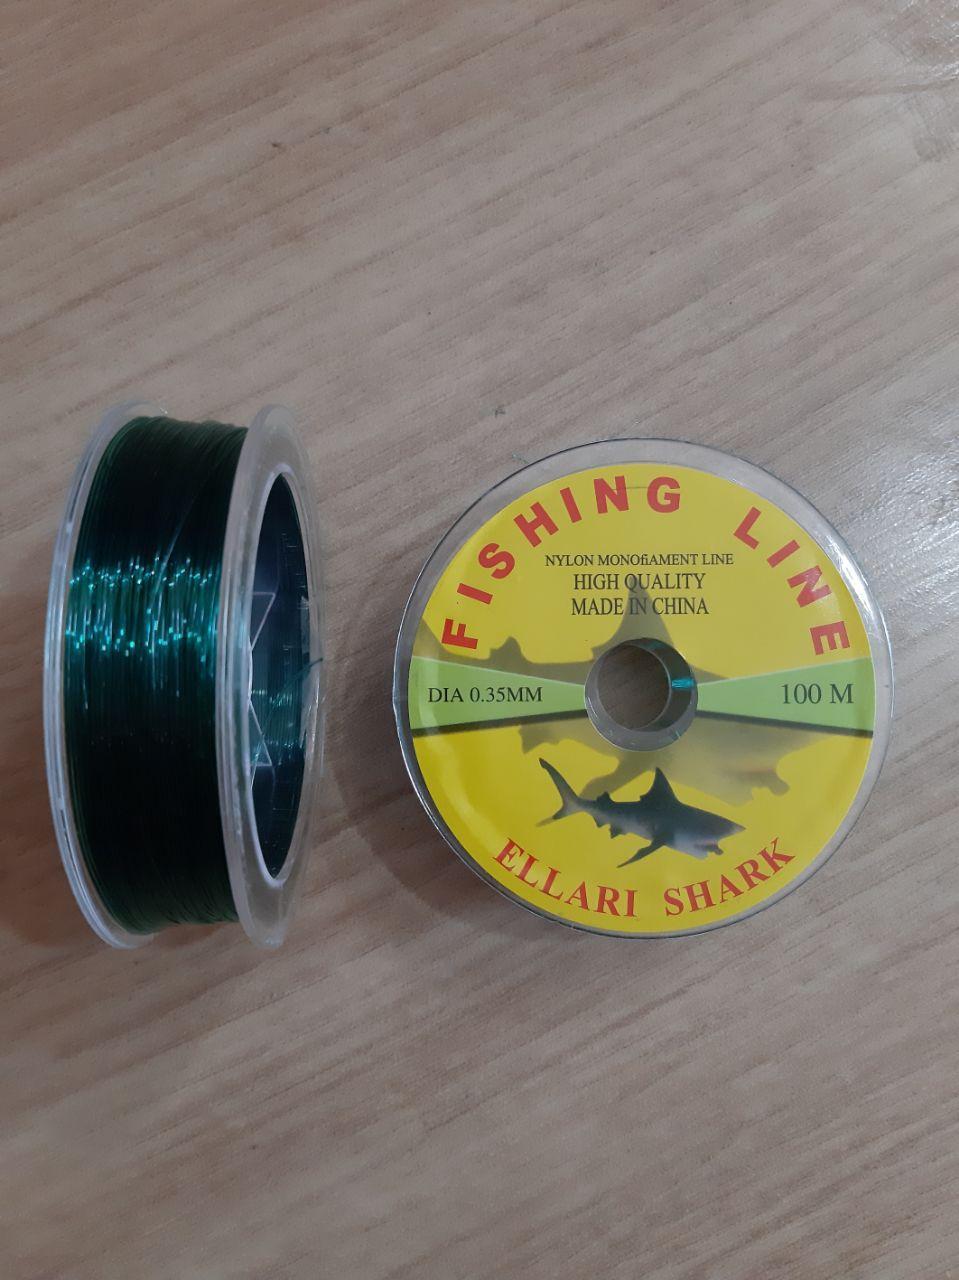 نخ ماهیگیری ELLARI SHARK